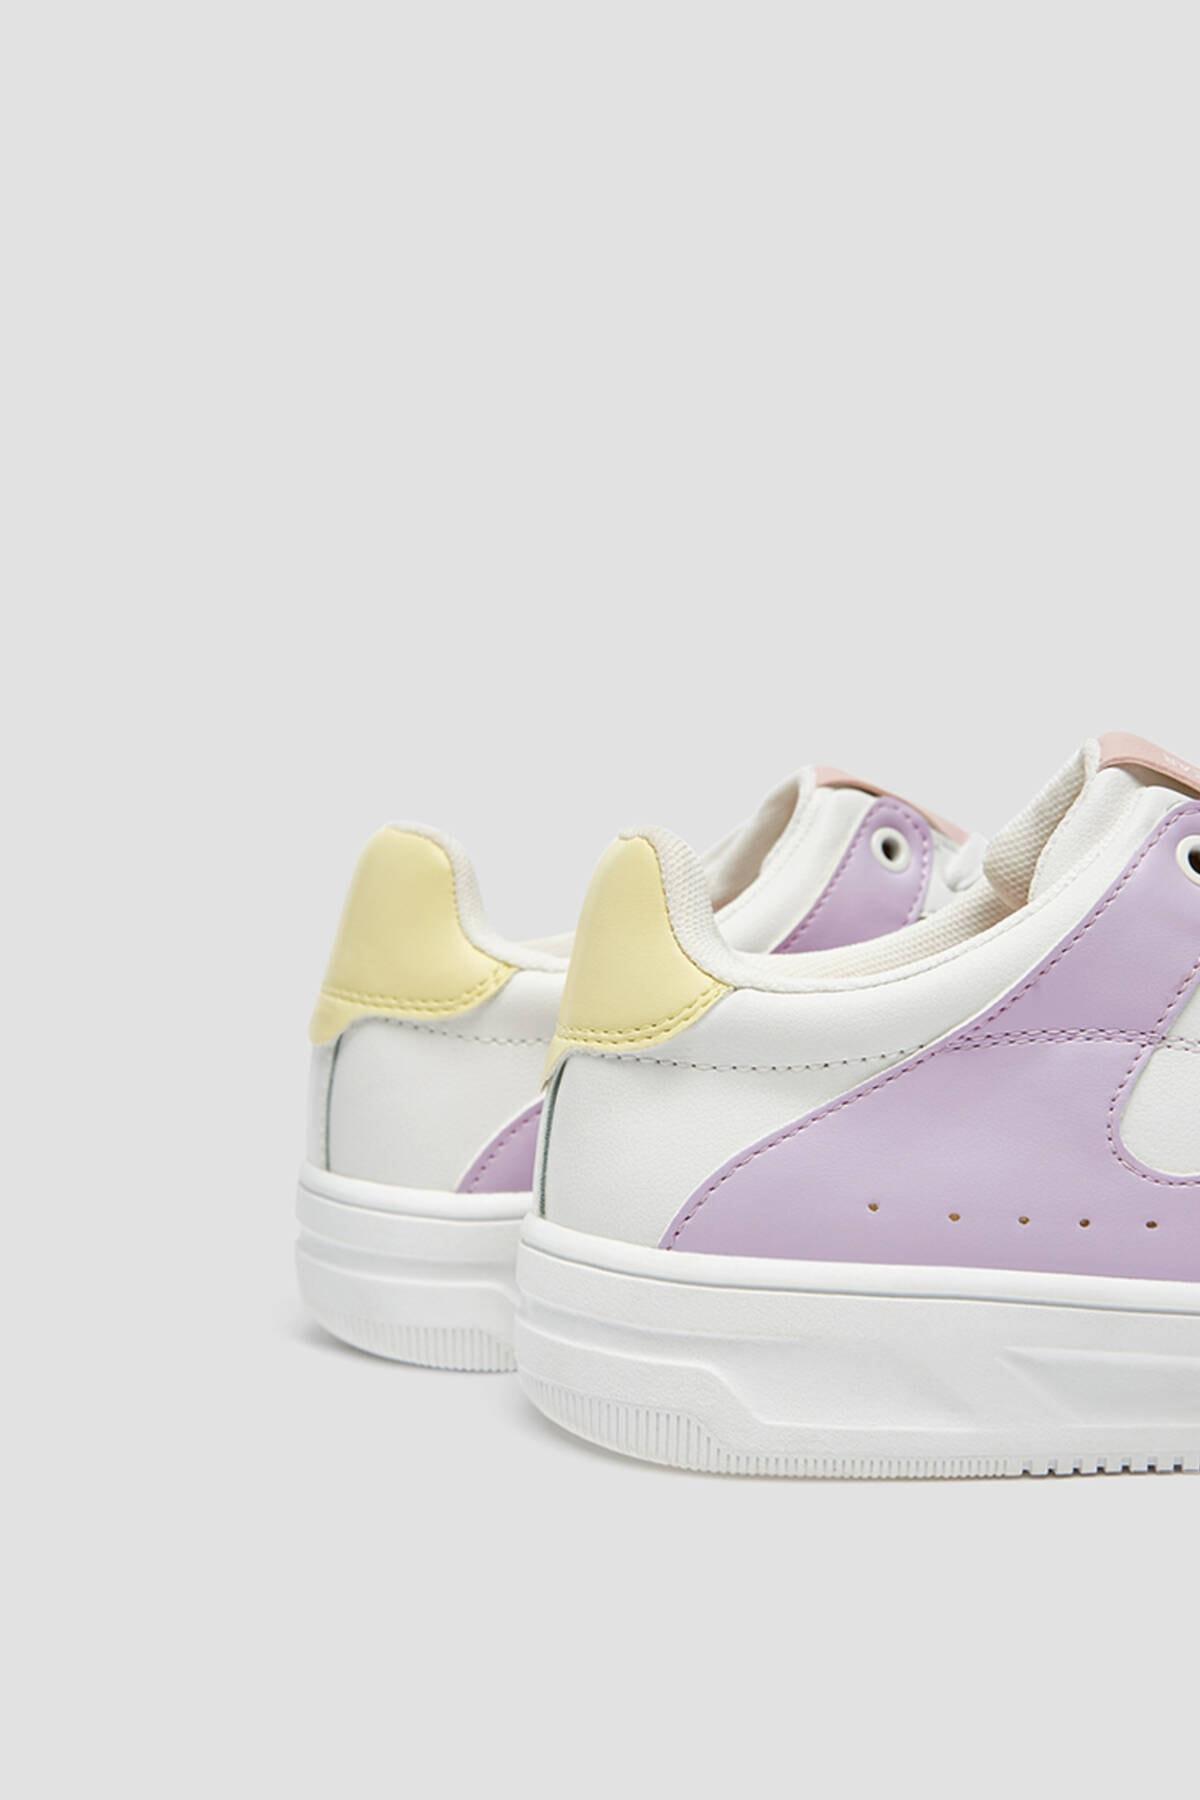 Pull & Bear Kadın Çok Renkli Spor Ayakkabı 11322640 3